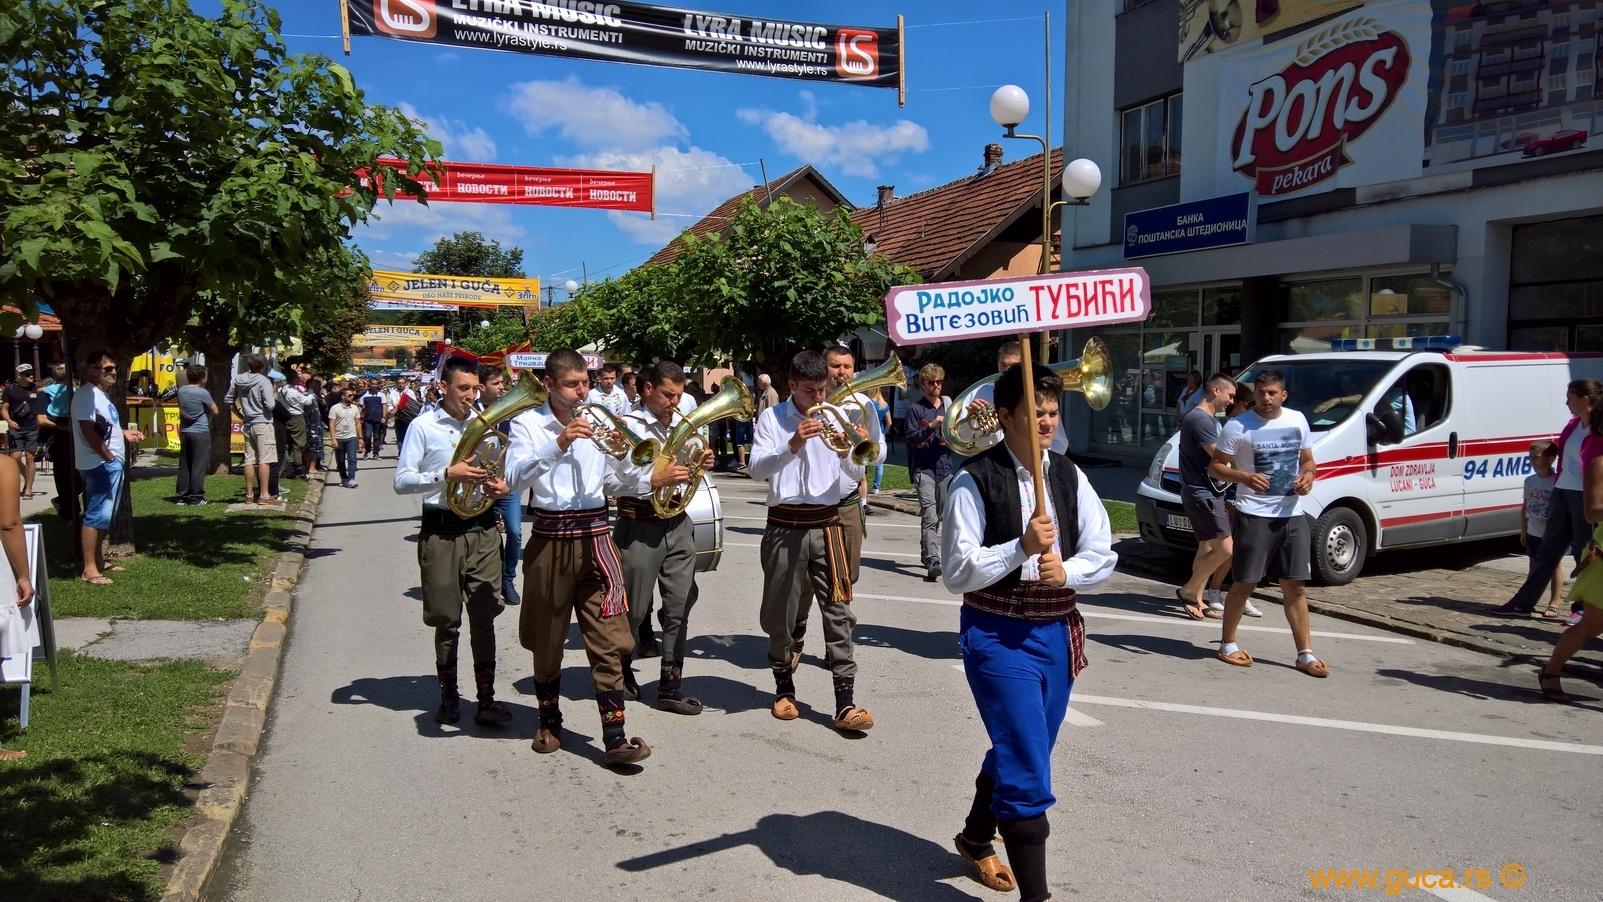 Parade_Guca09